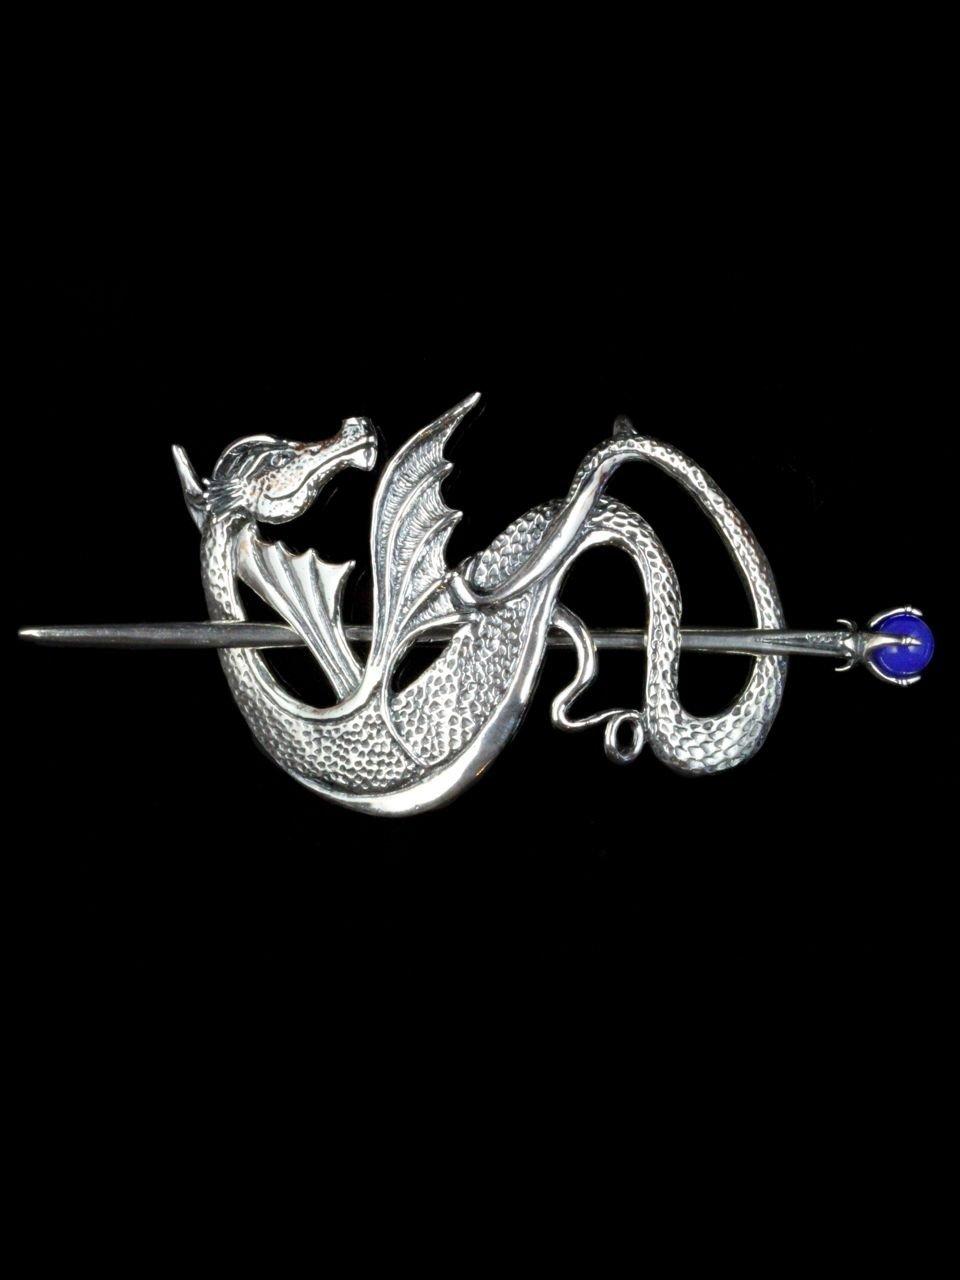 Silver Dragon Hair Clip Wyvern Dragon Barrette